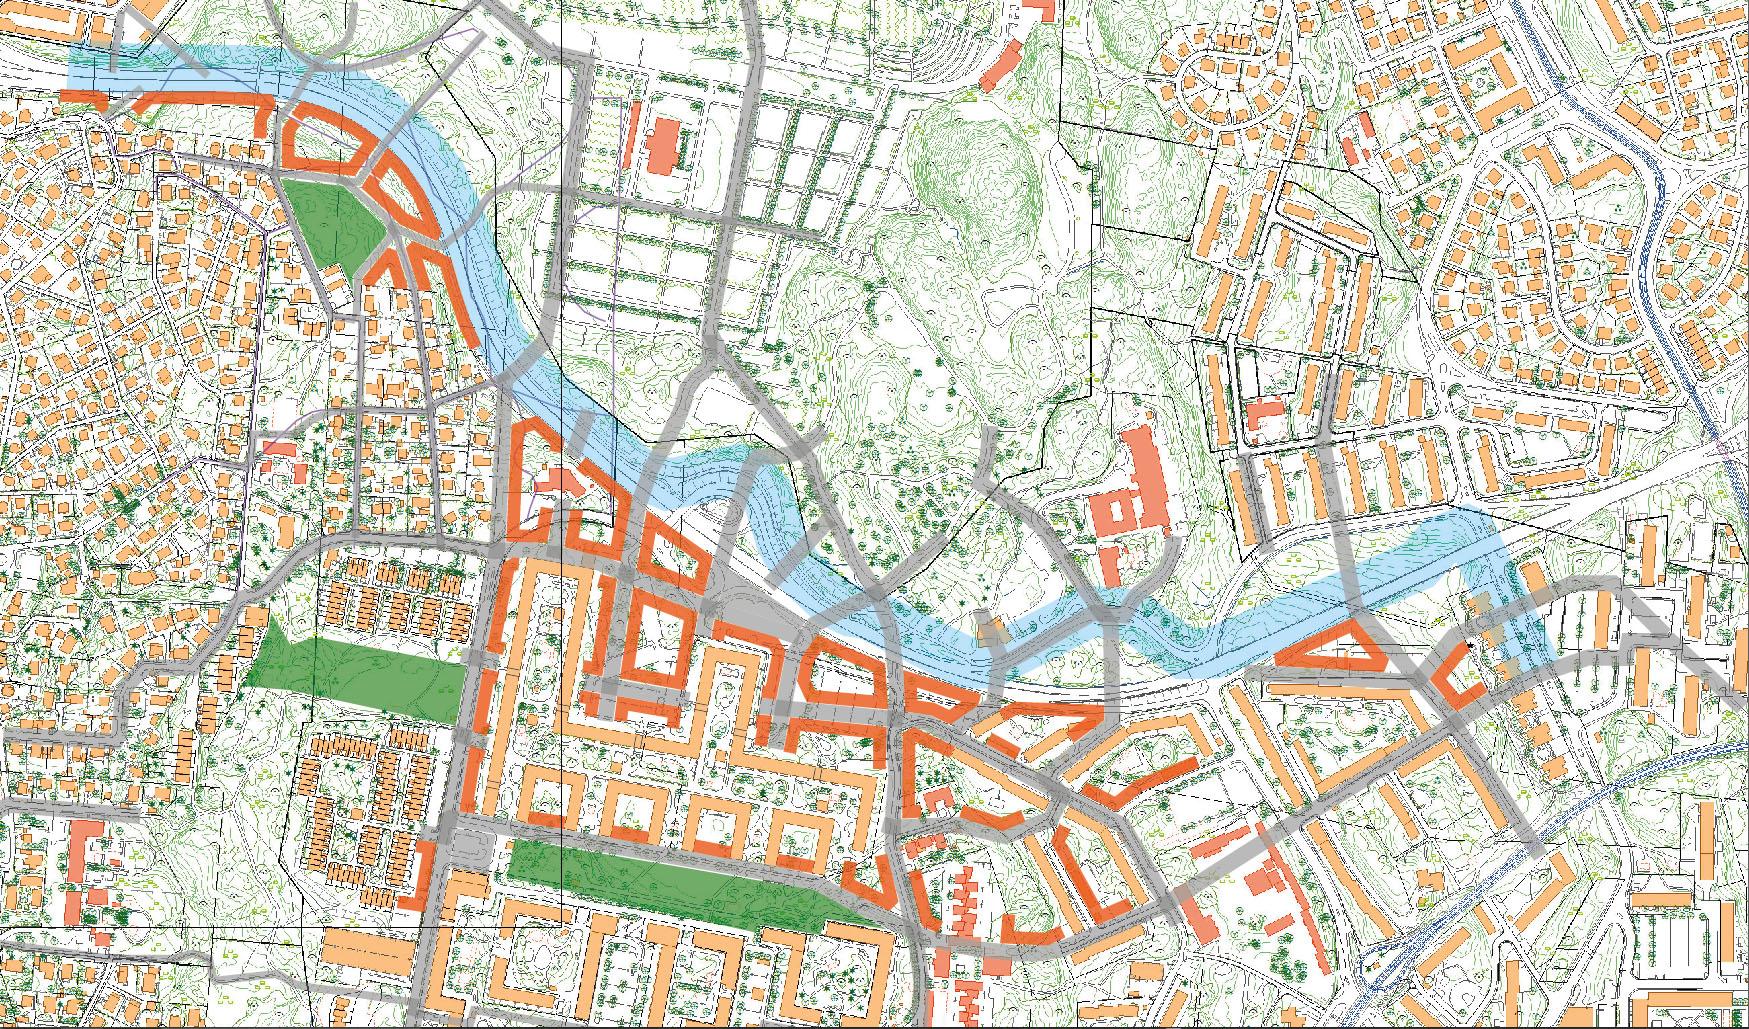 göteborg stad karta Det var en gång en stad en gångvänlig stad   Yimby Göteborg göteborg stad karta